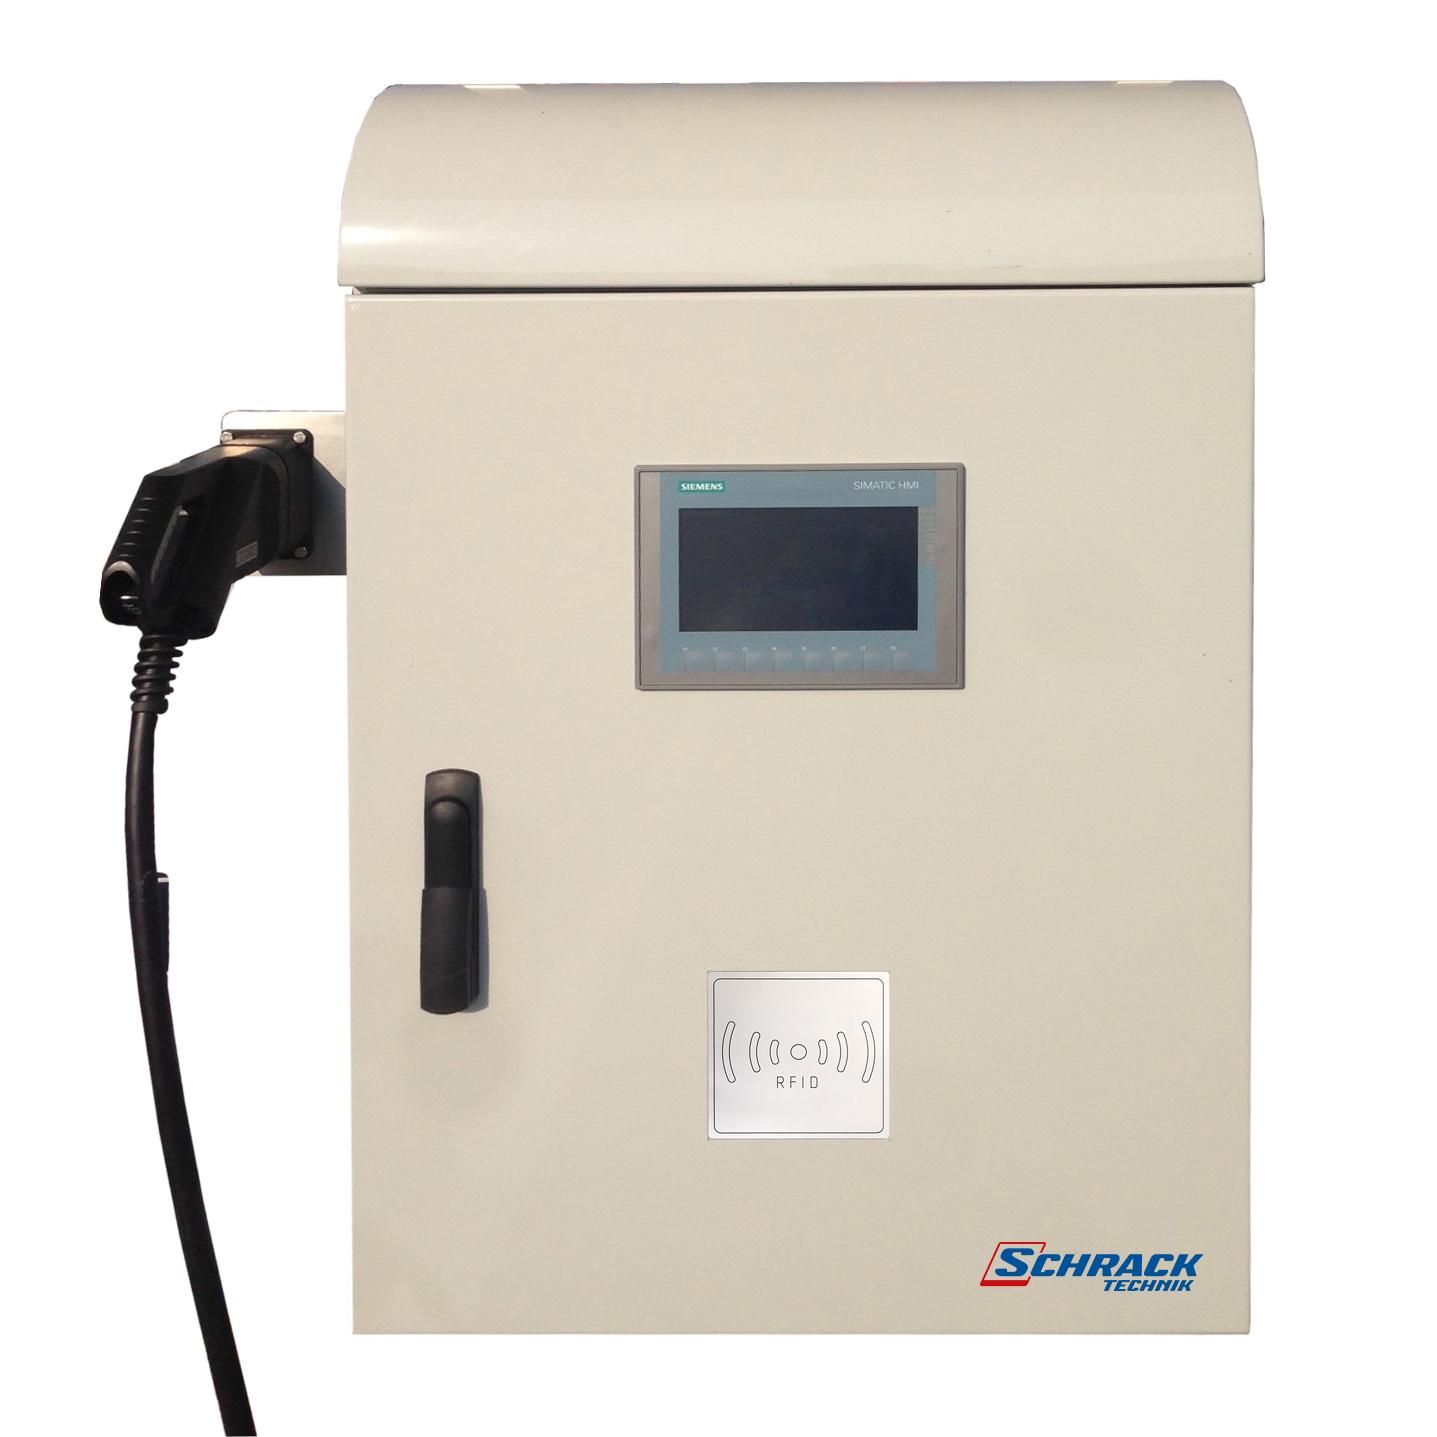 1 Stk Schnellladestation, CCS, 20kW, Farbbildschirm EMDCS020--